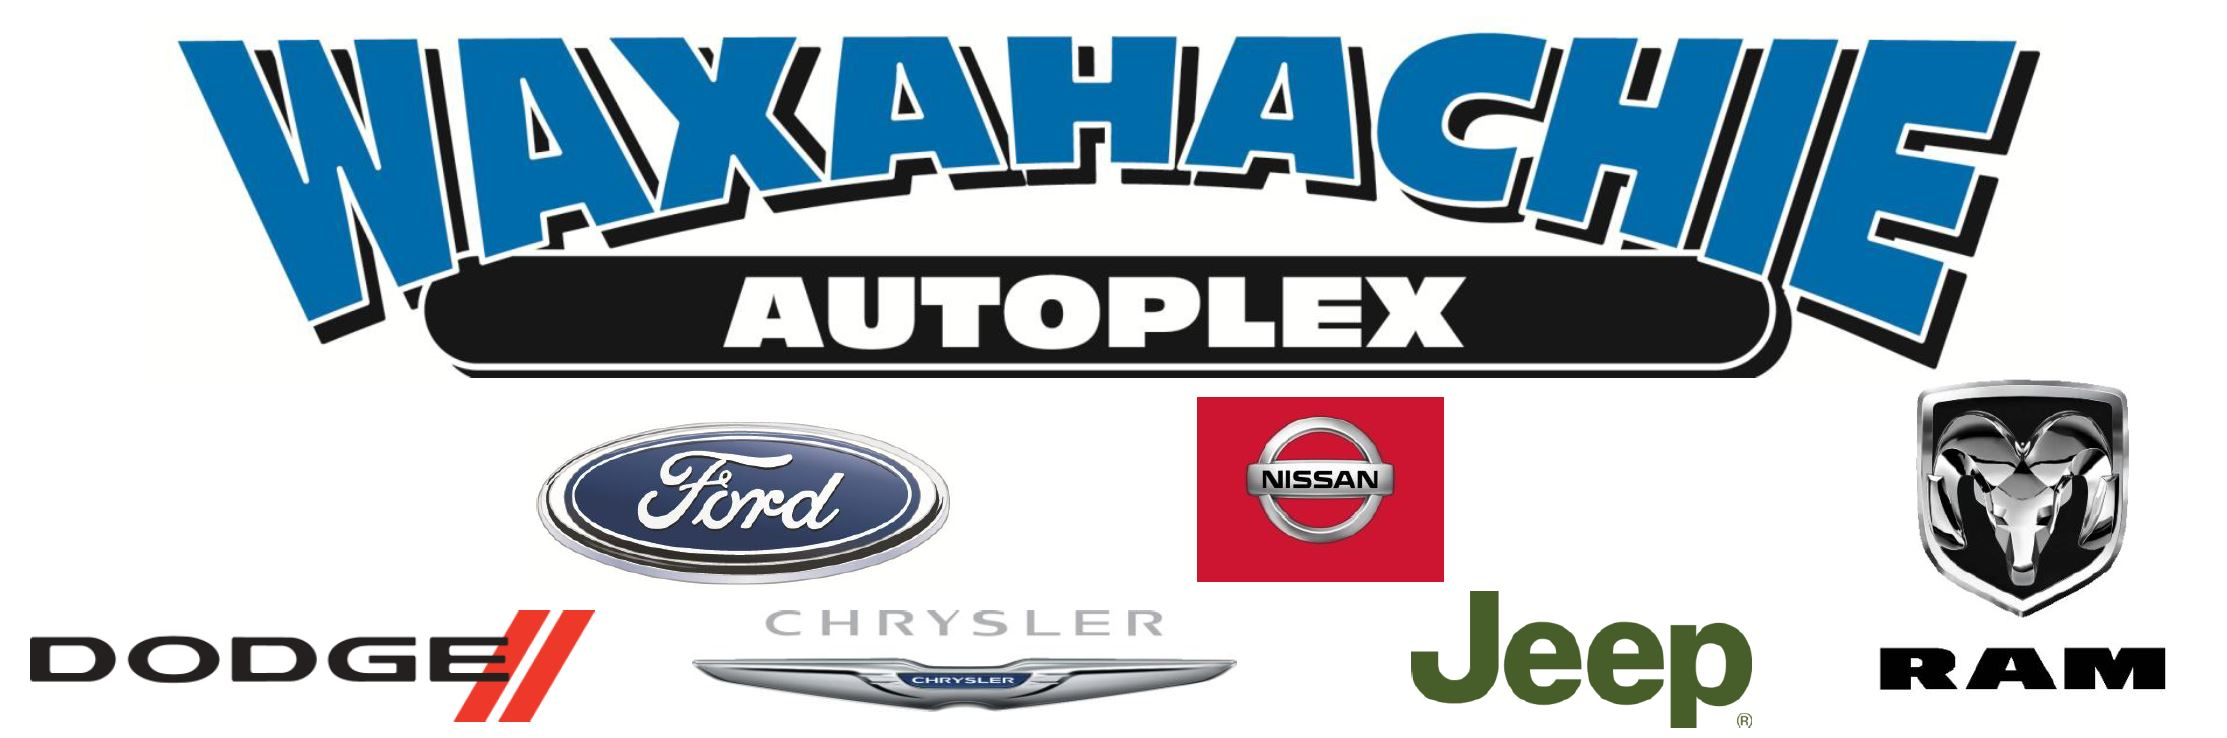 Waxahachie Autoplex